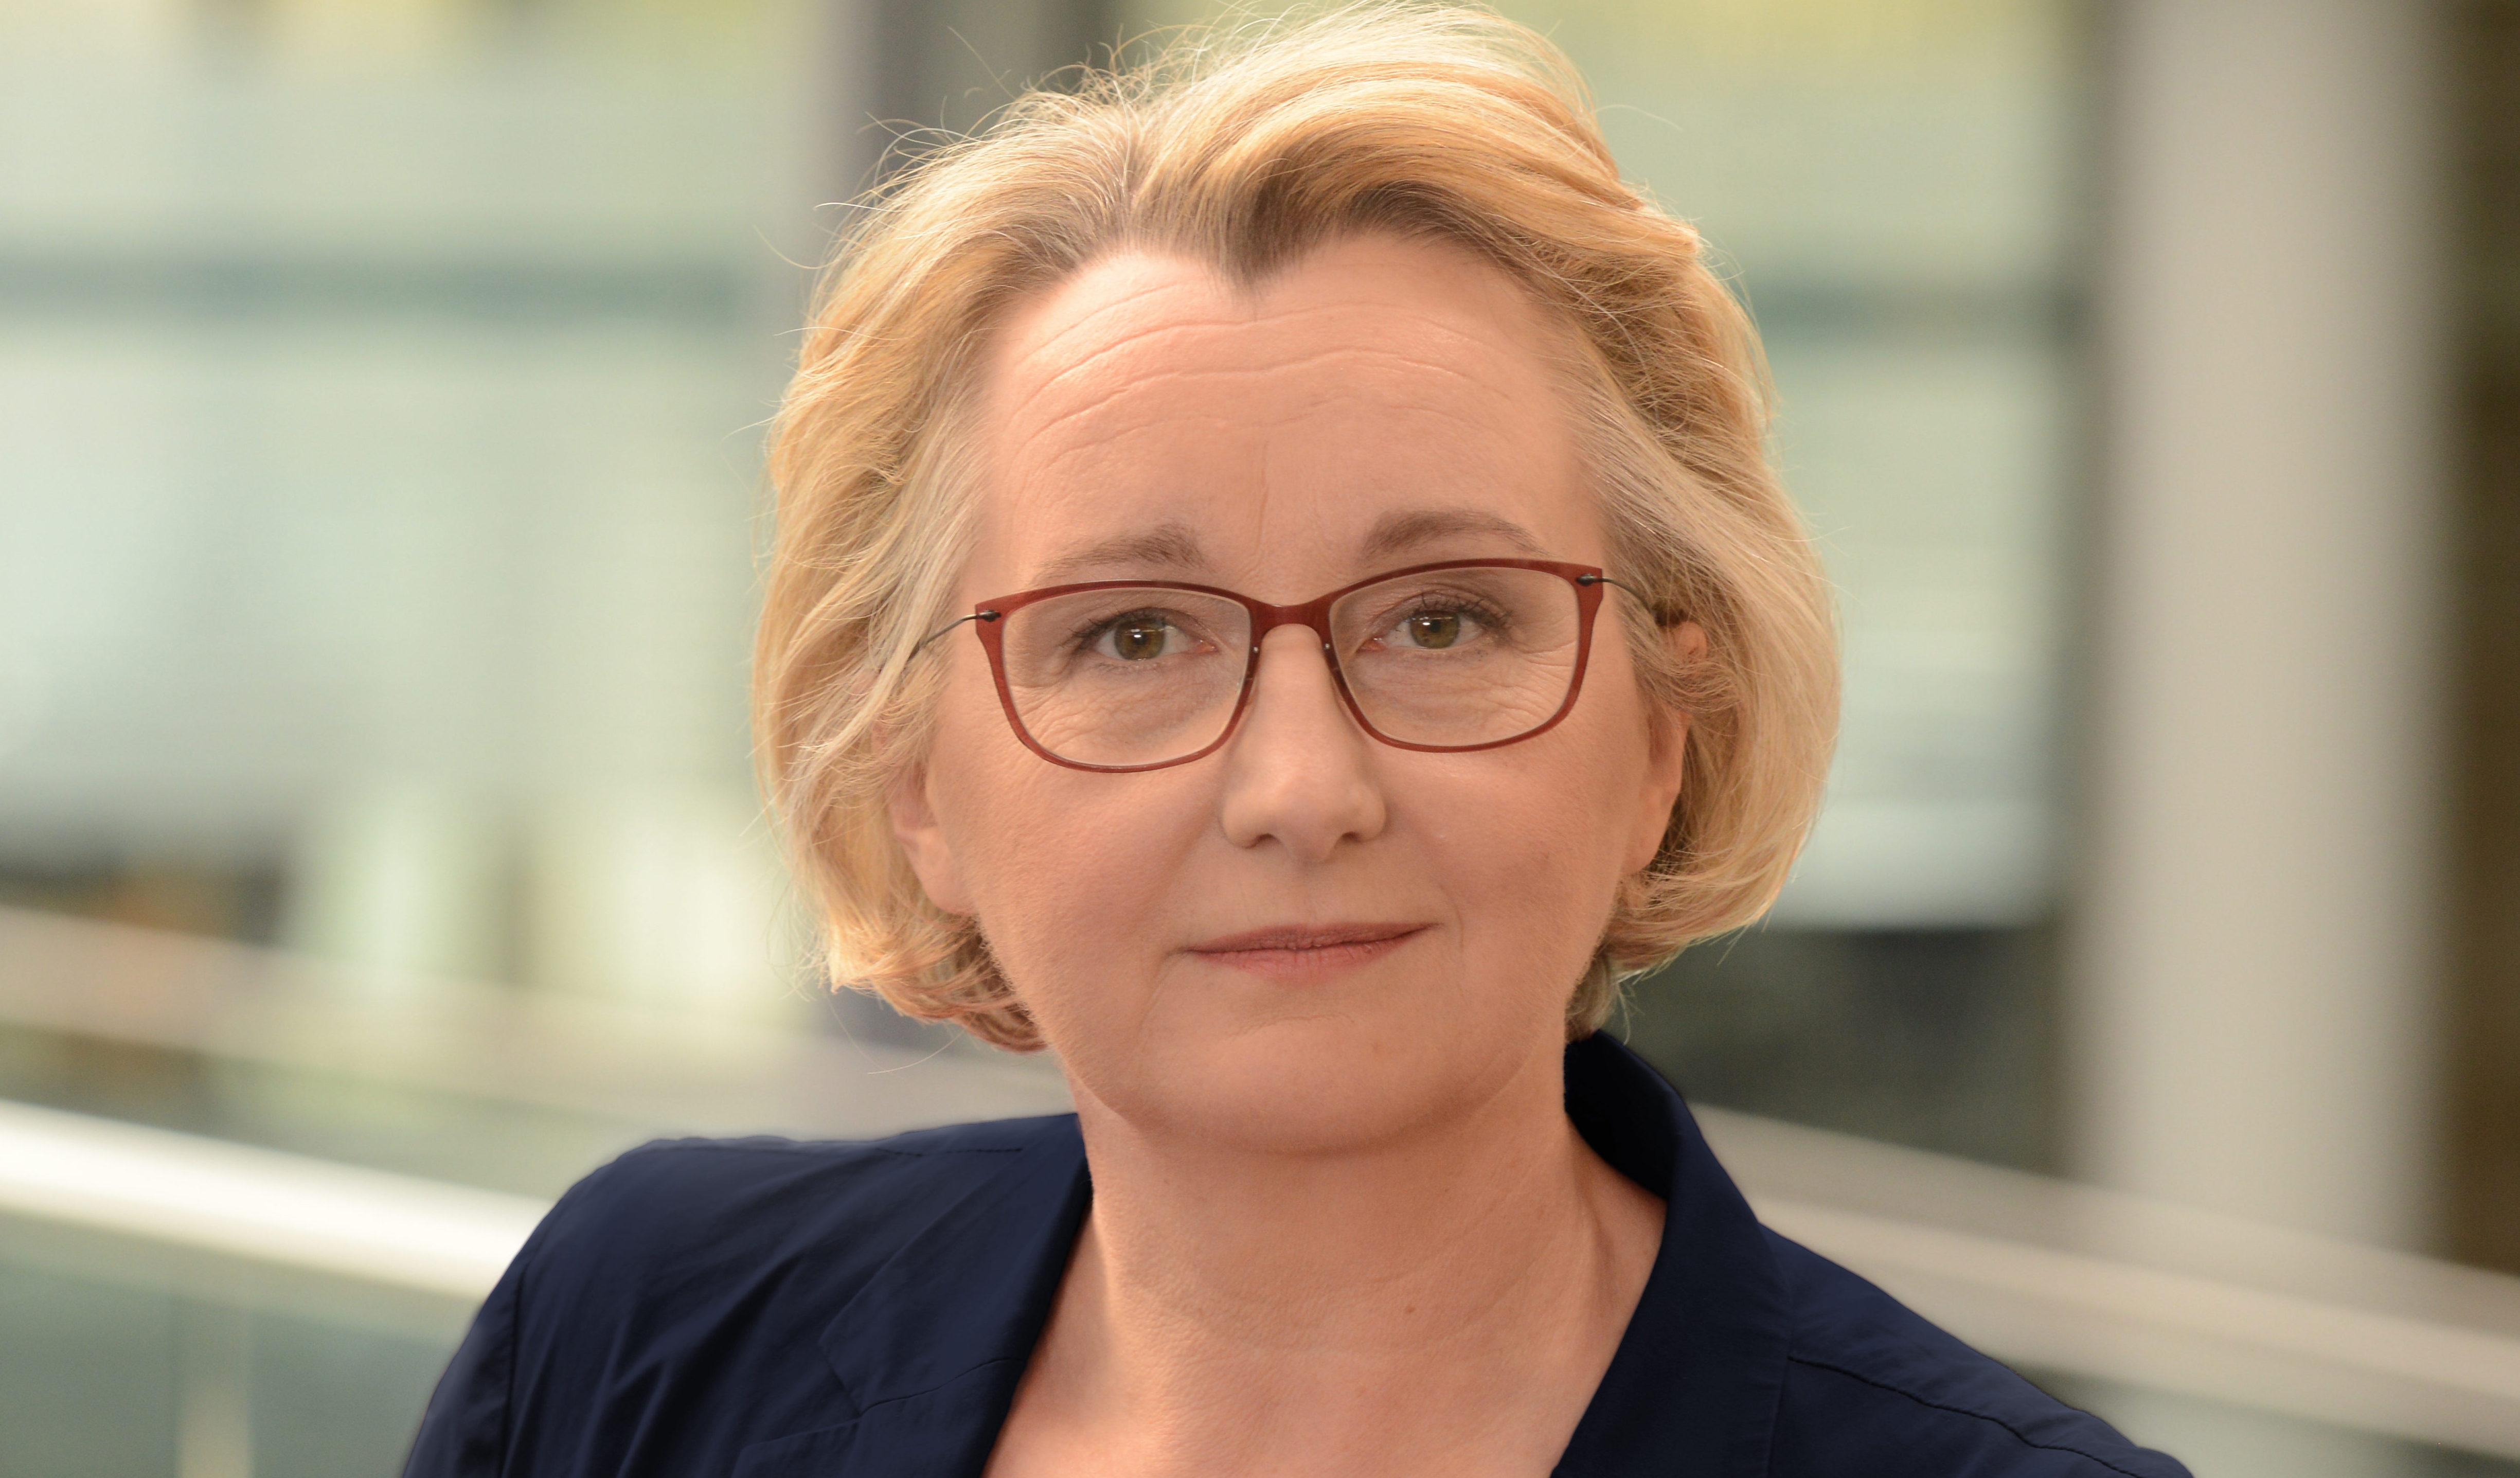 Wissenschaftsministerin Theresia Bauer. Bild: Ministerium für Wissenschaft Baden-Württemberg